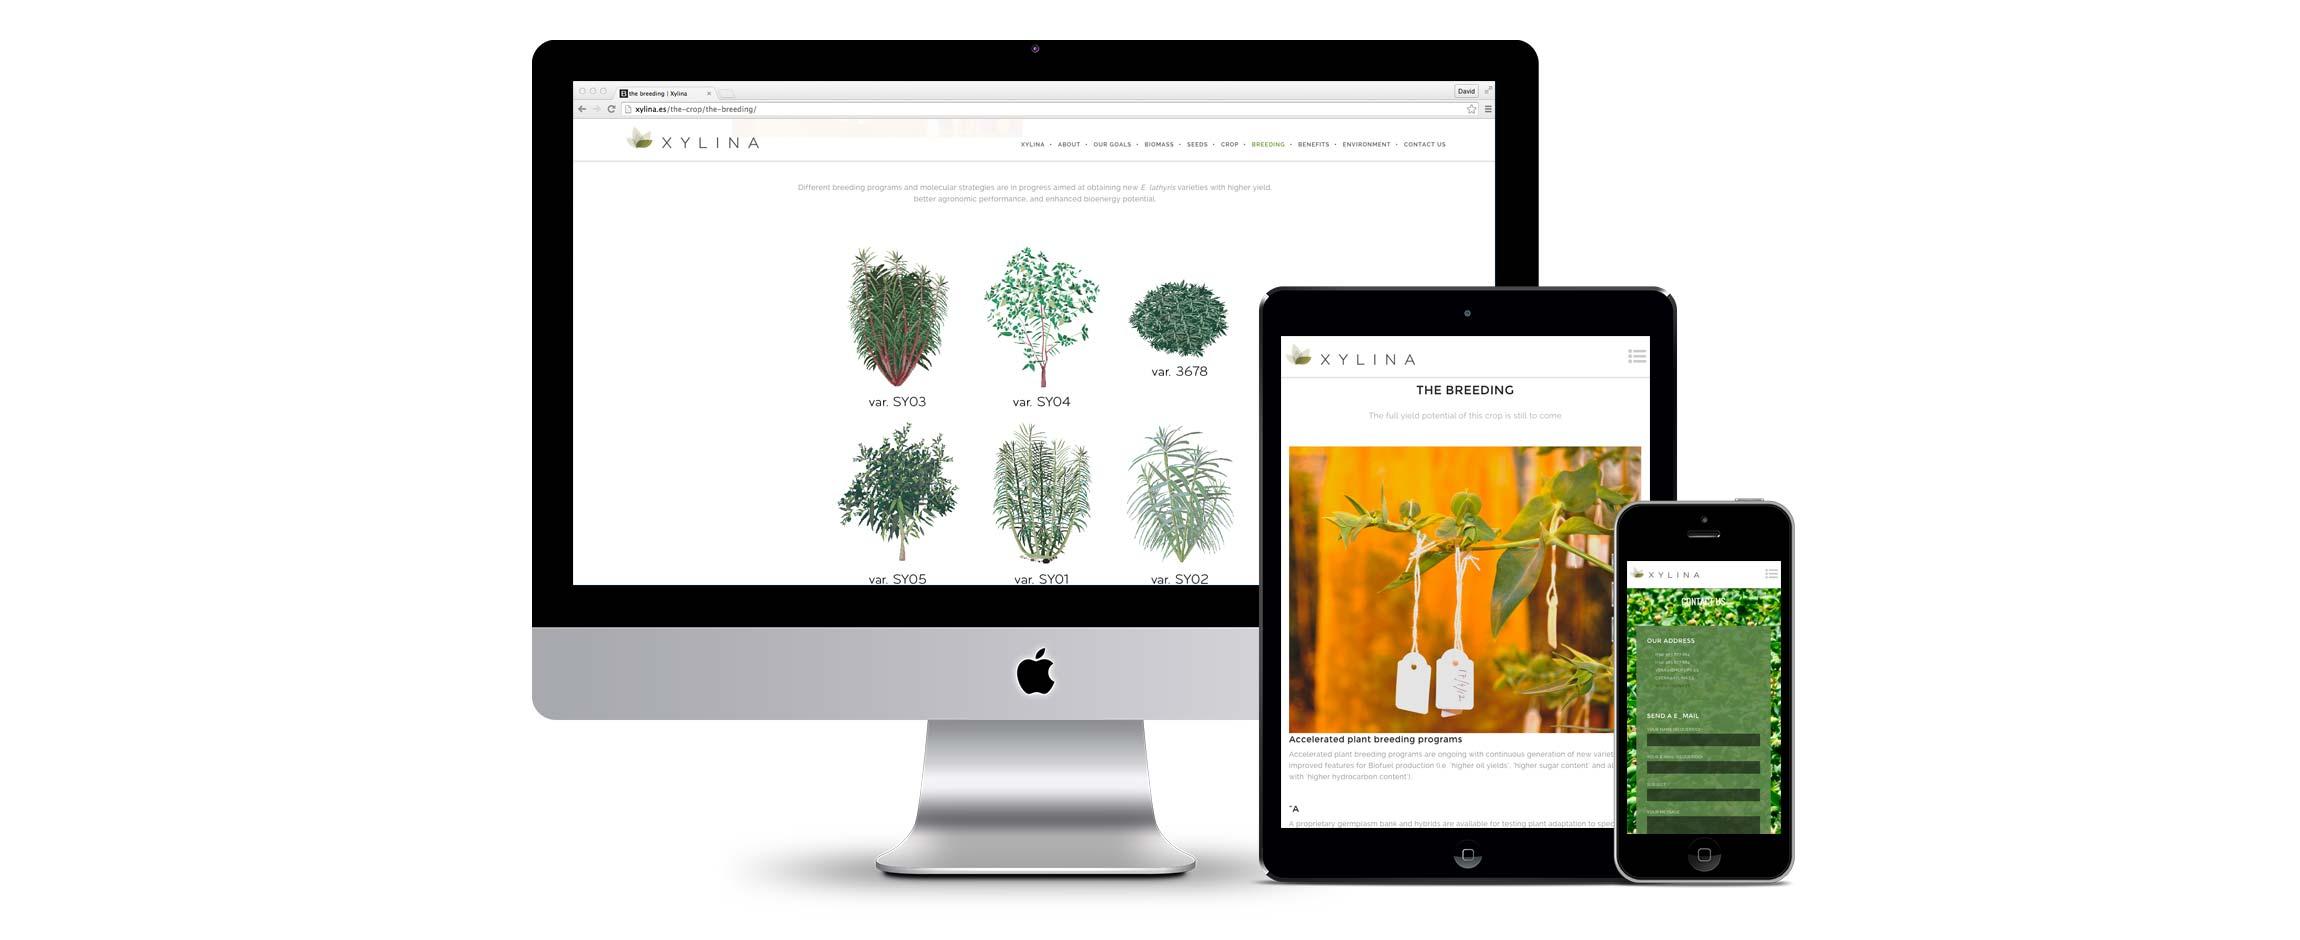 KUINI Estudio de diseño gráfico Alicante se encarga deXylina Diseño Web y cuenta con nuestro apoyo para desarrollar su Web e identidad corporativa.